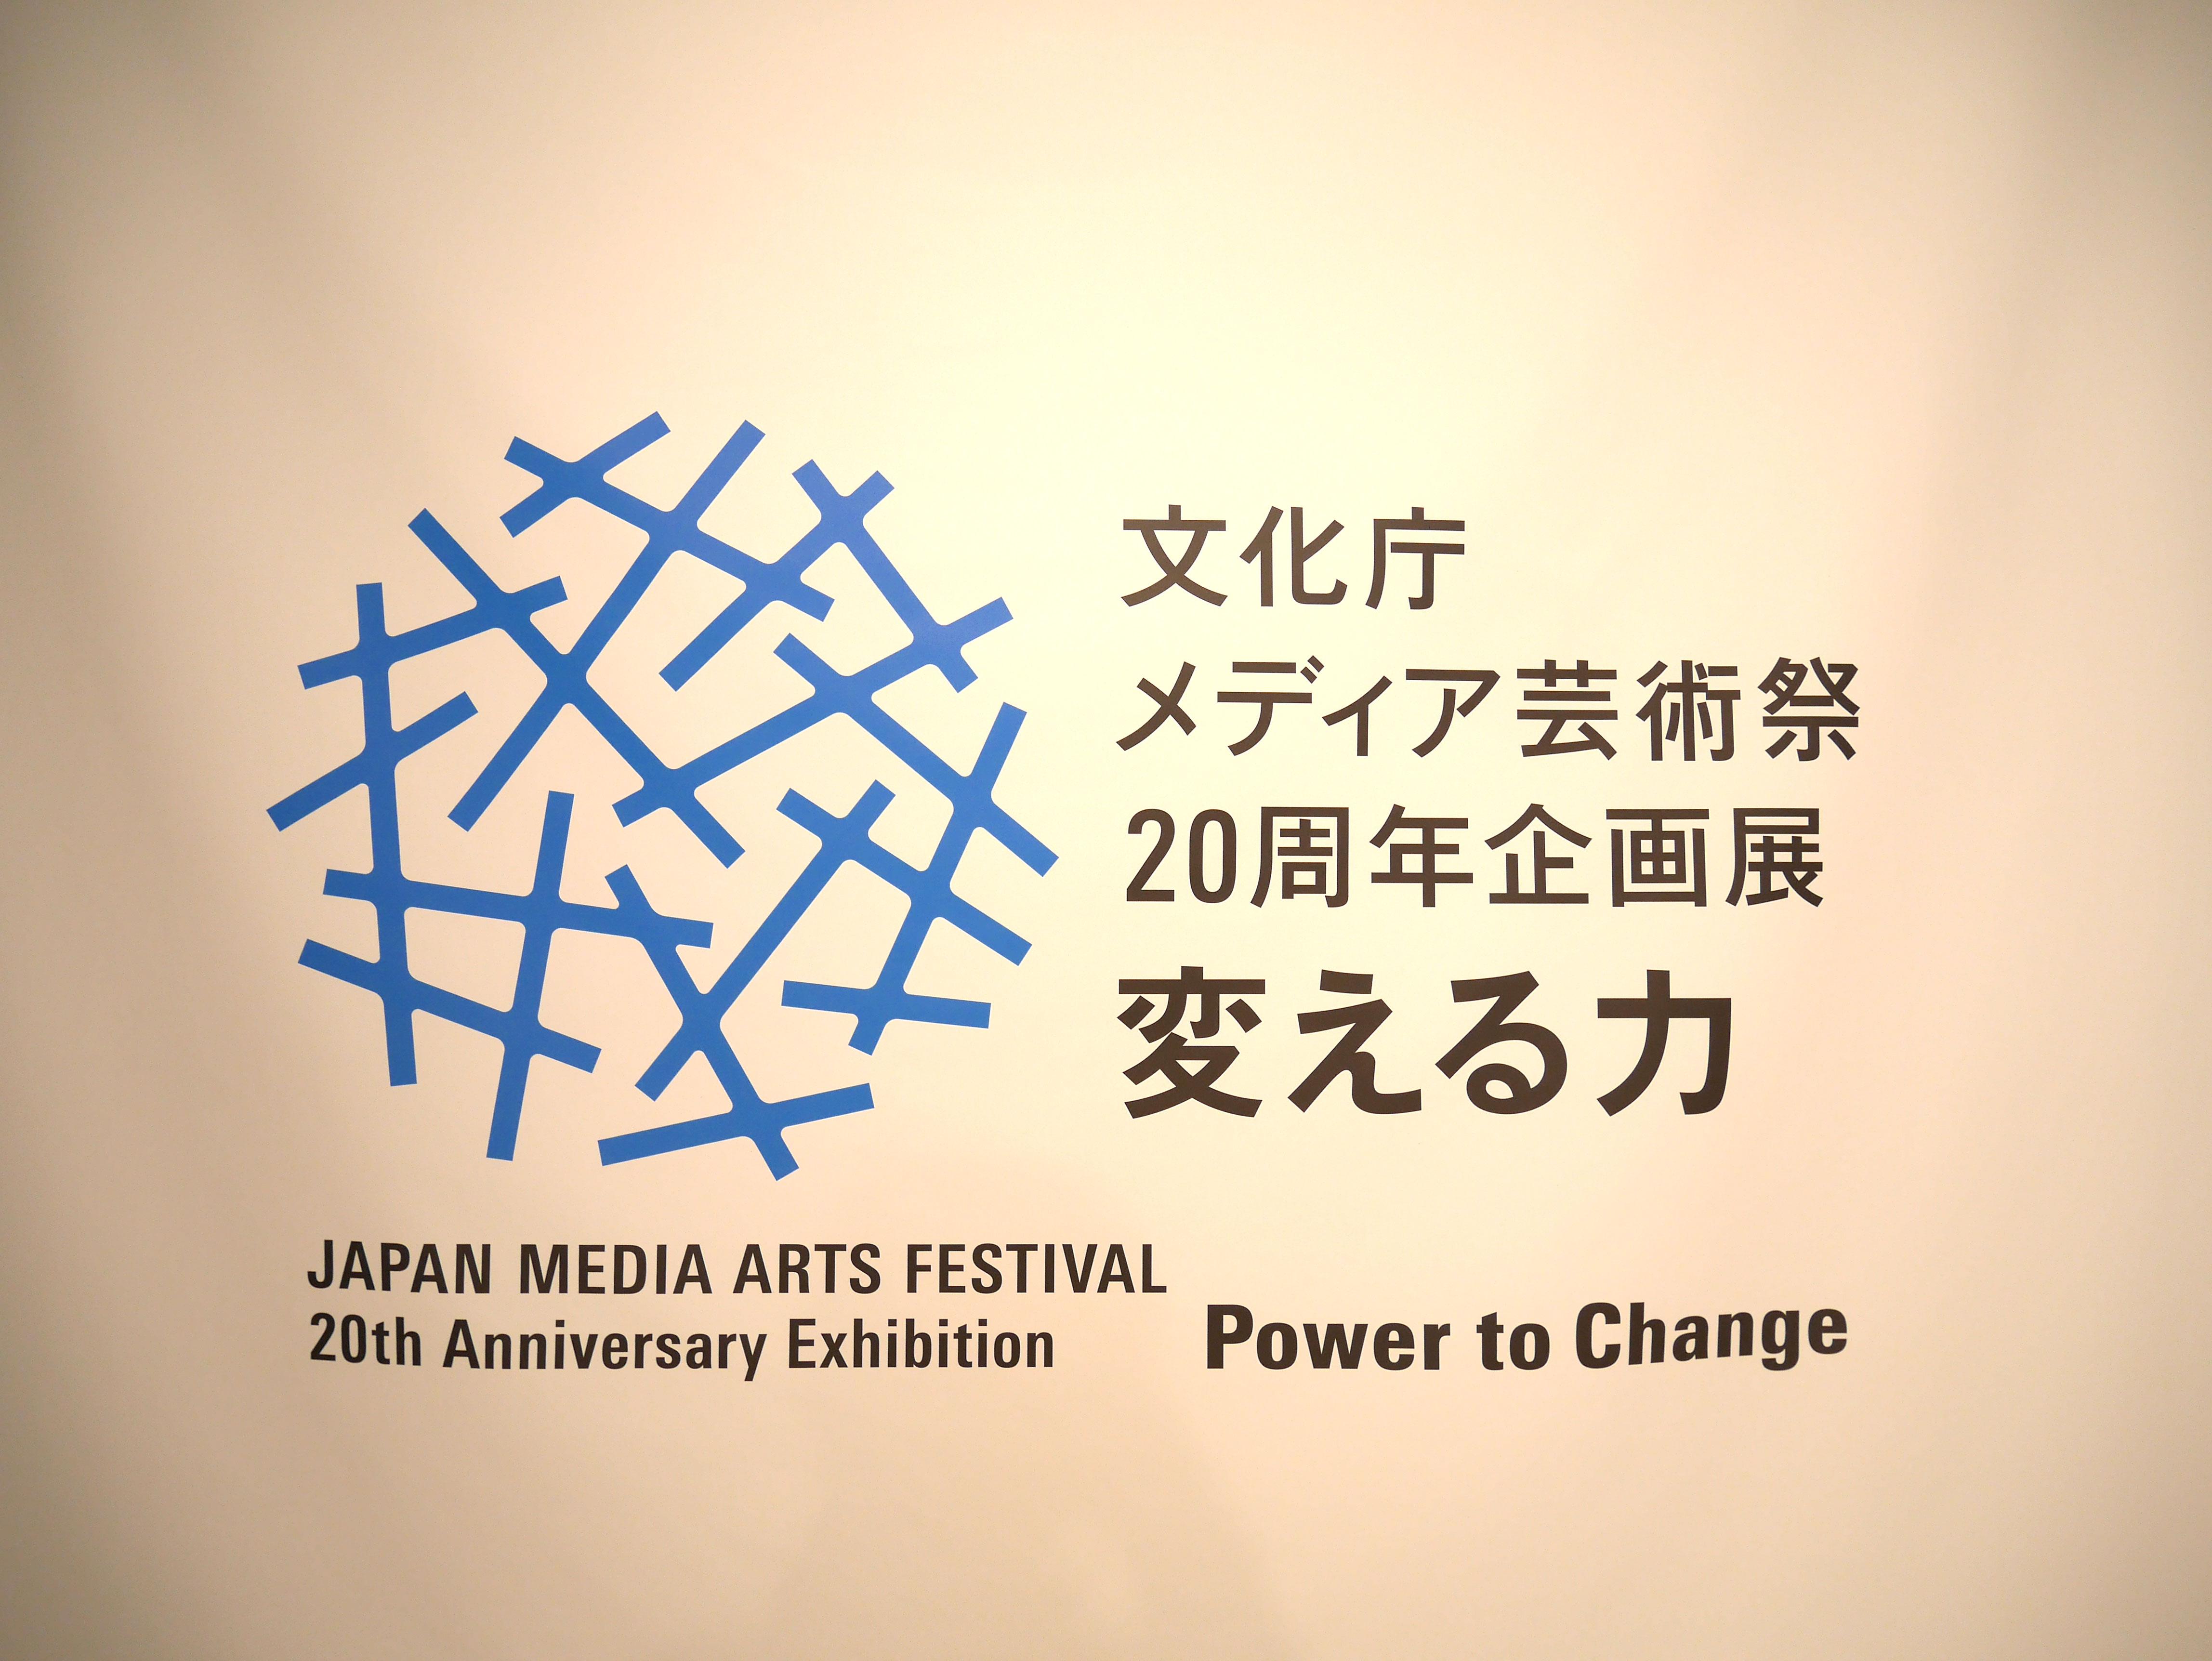 20年分のメディア芸術祭を見る【文化庁メディア芸術祭20周年企画展―変える力】